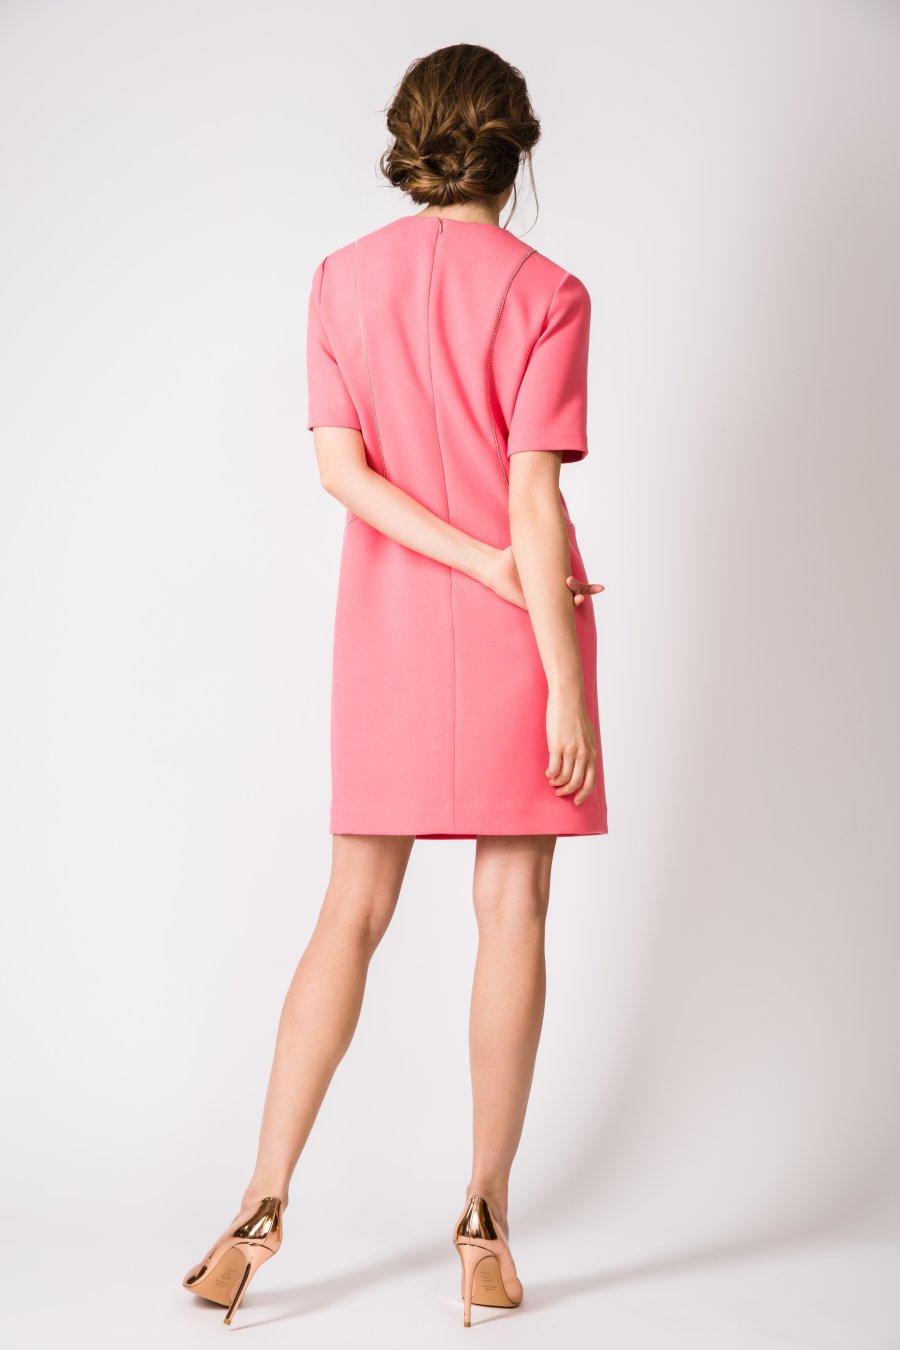 Розовое платье прямого силуэта с легким прогибом в области талии